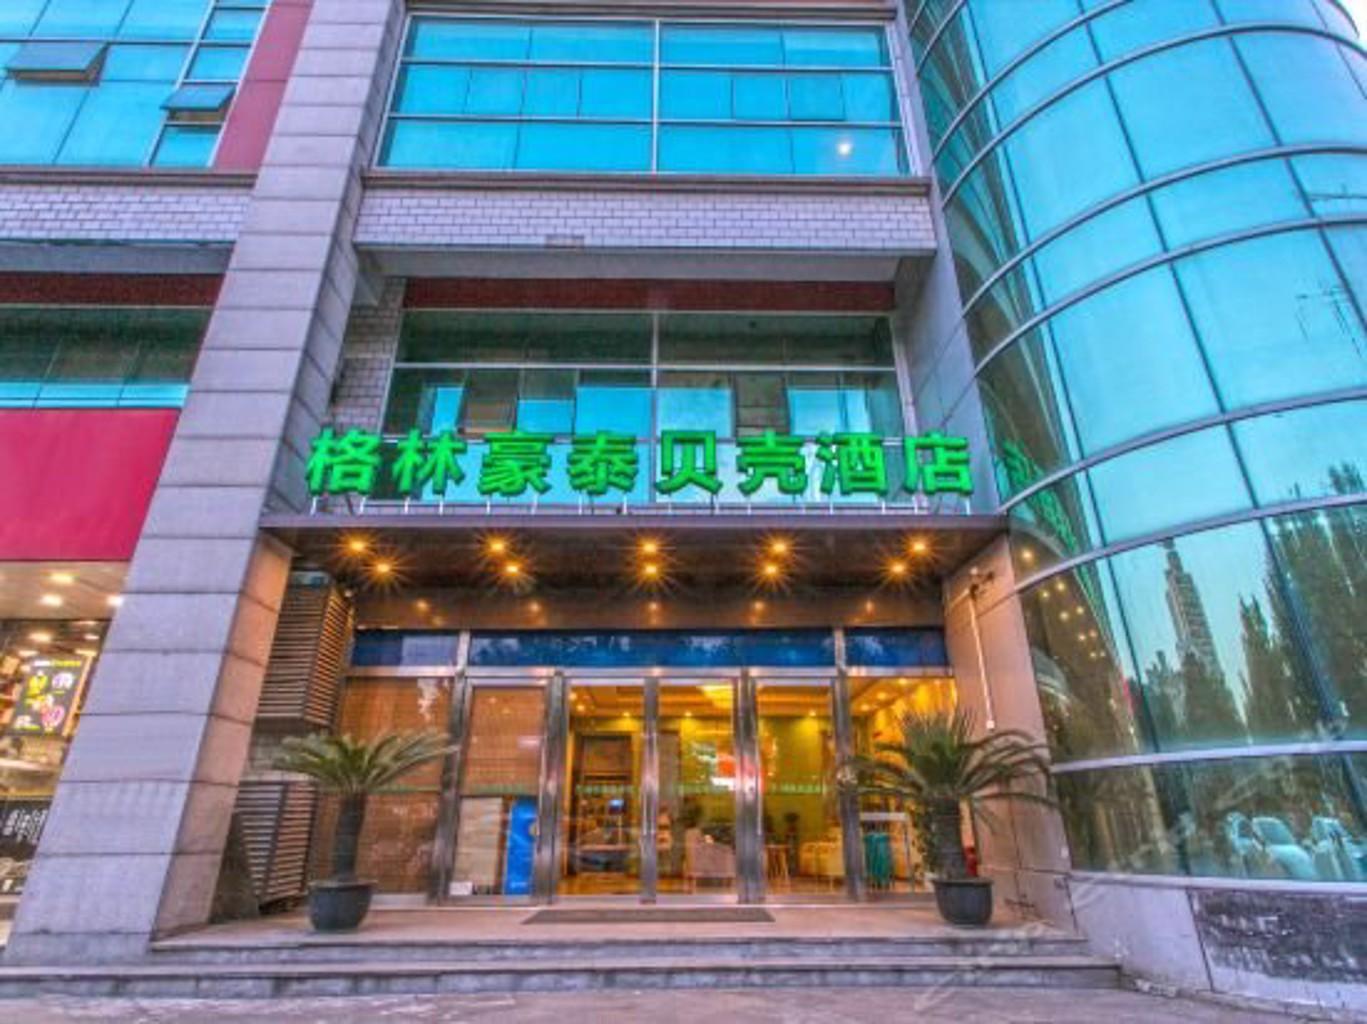 Greentree Jiangsu Suzhou Shilu Walk Street West Ganjiang Road Shell Hotel